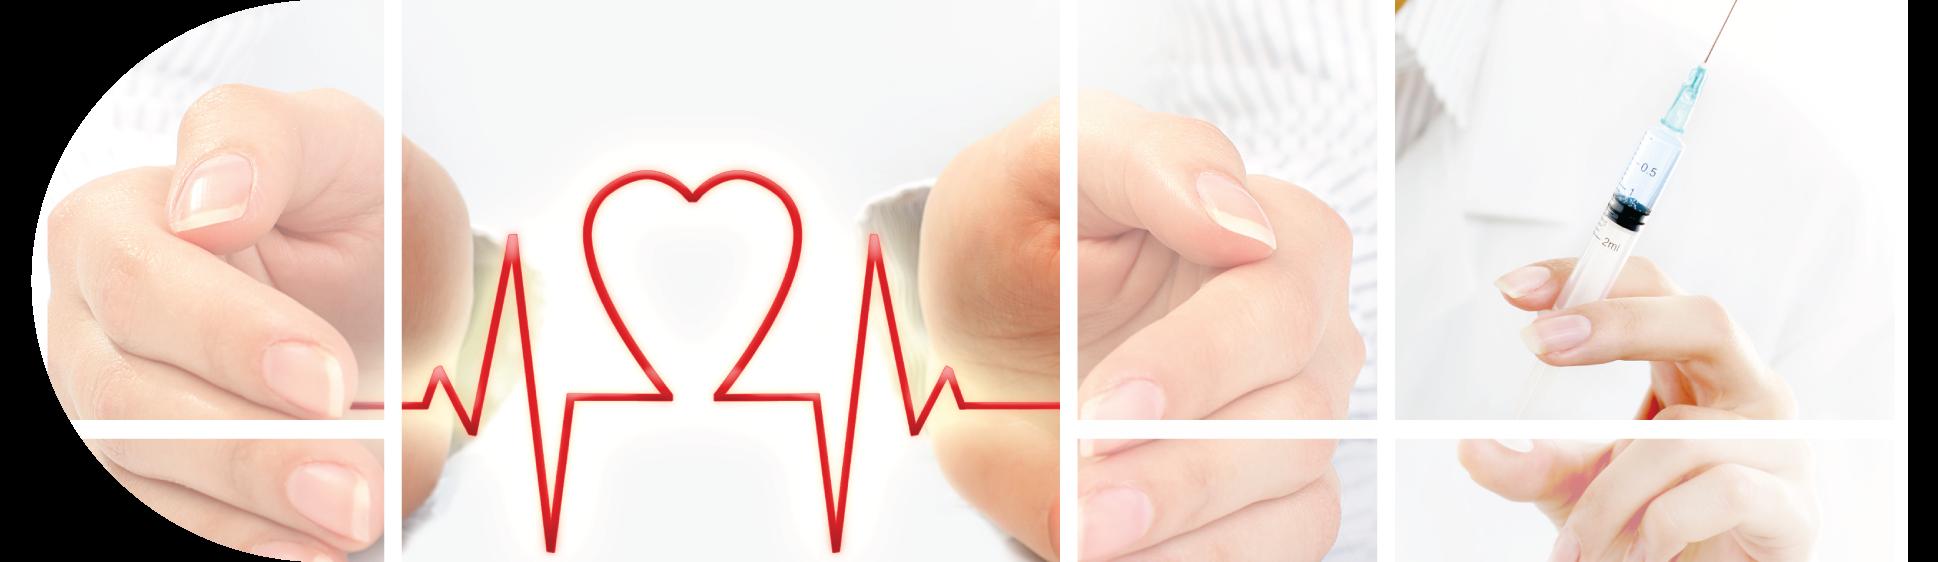 בריאות וביטוח למחלות קשות